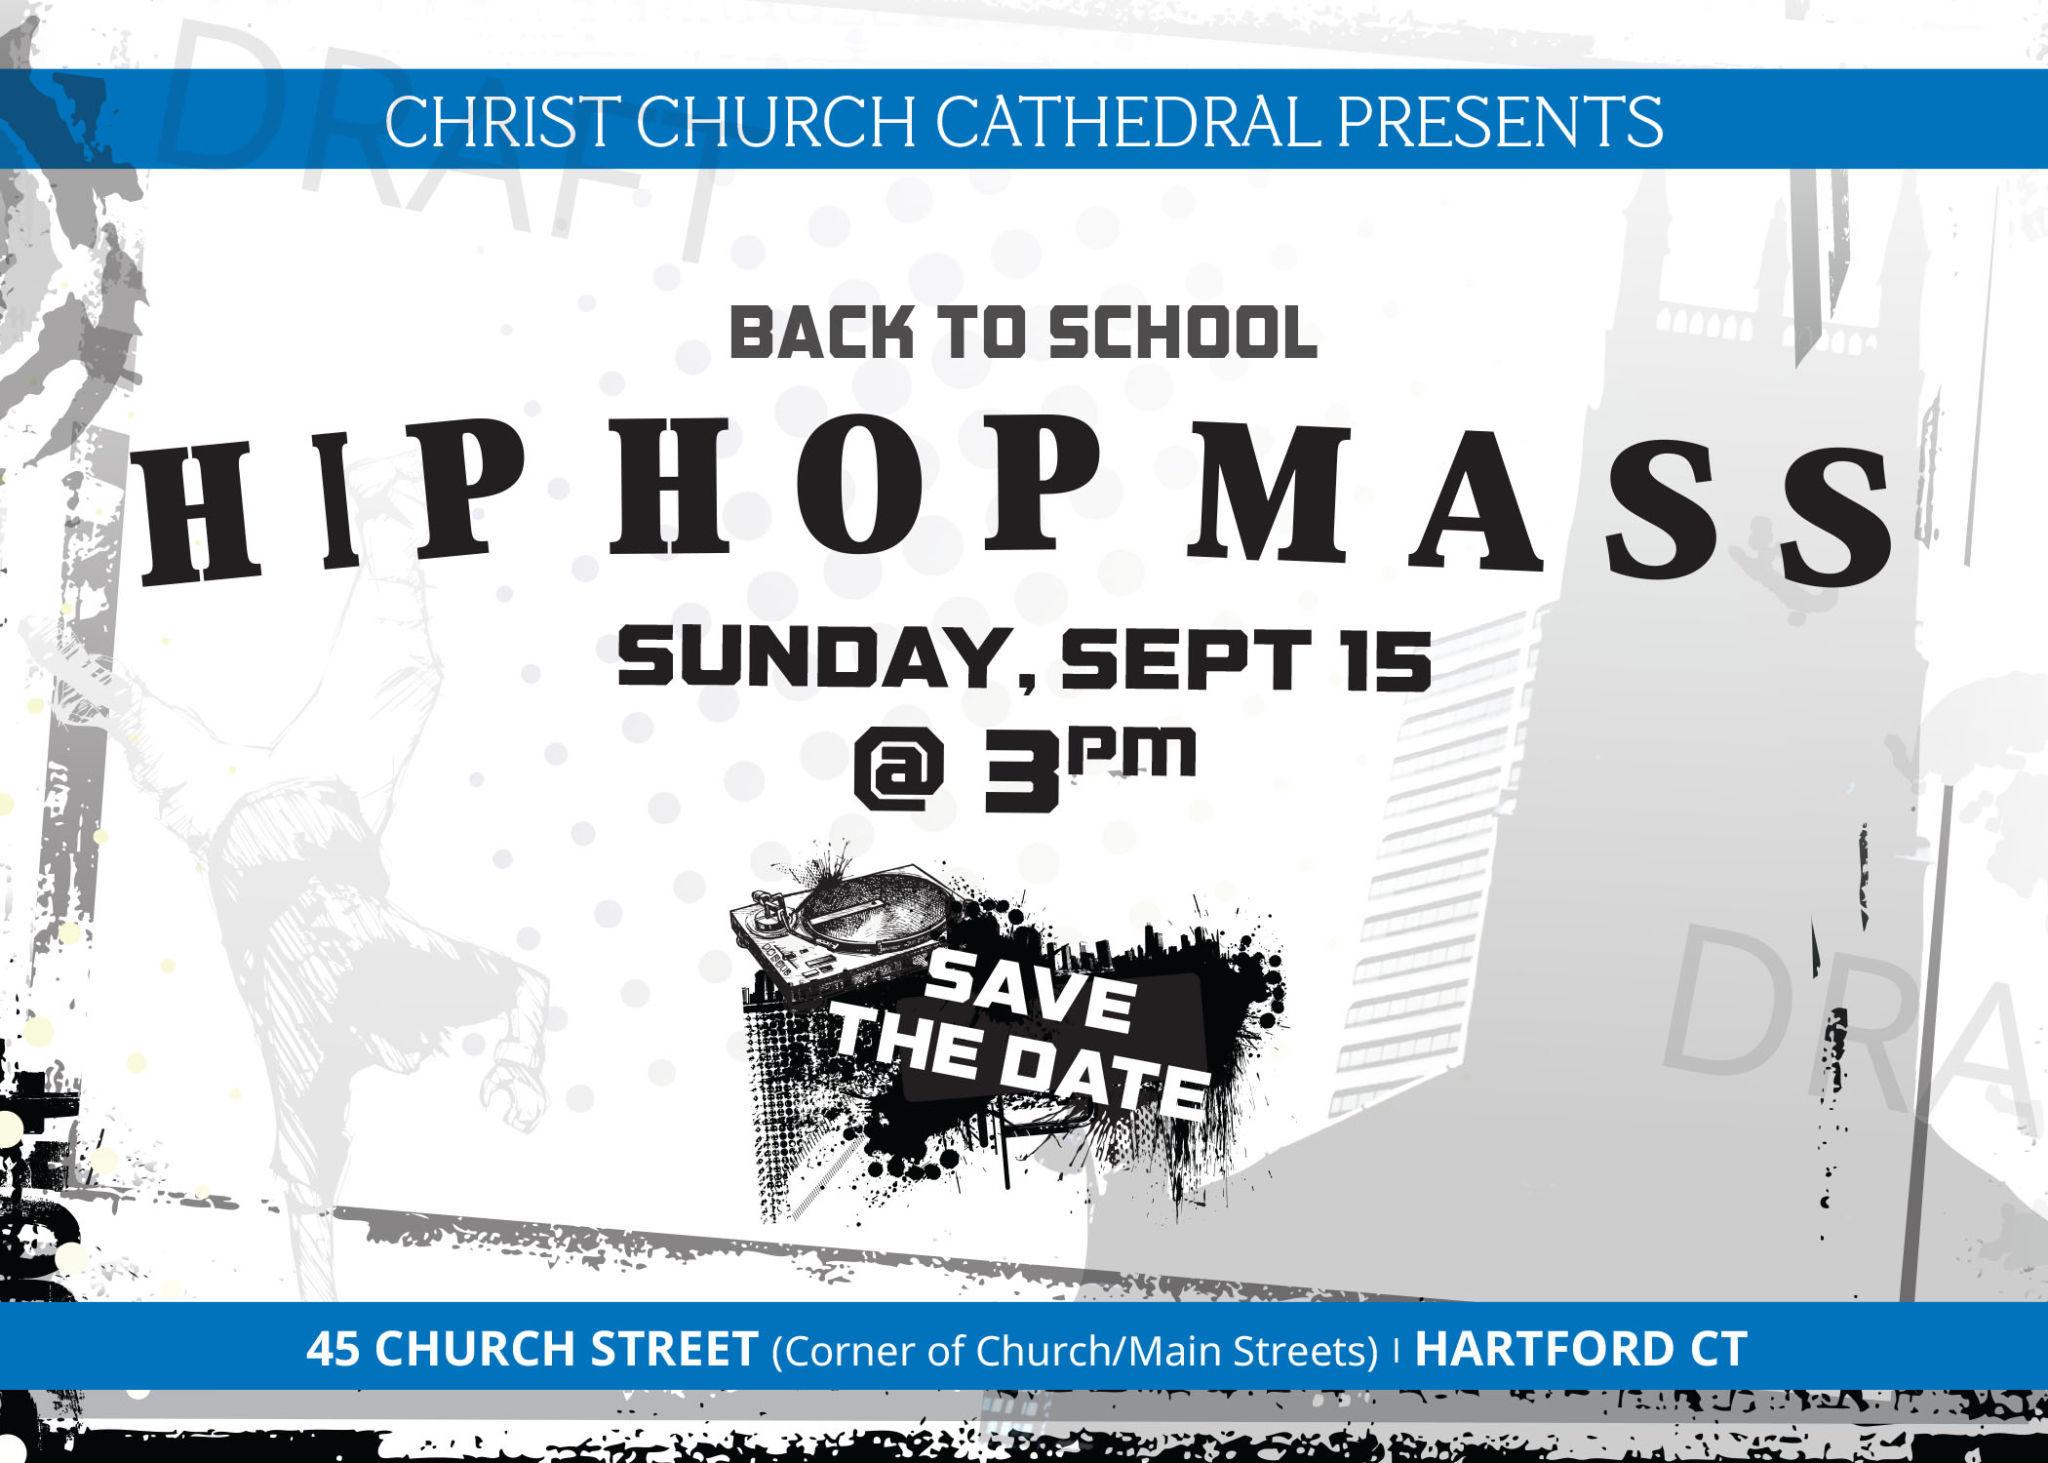 Hip Hop Mass